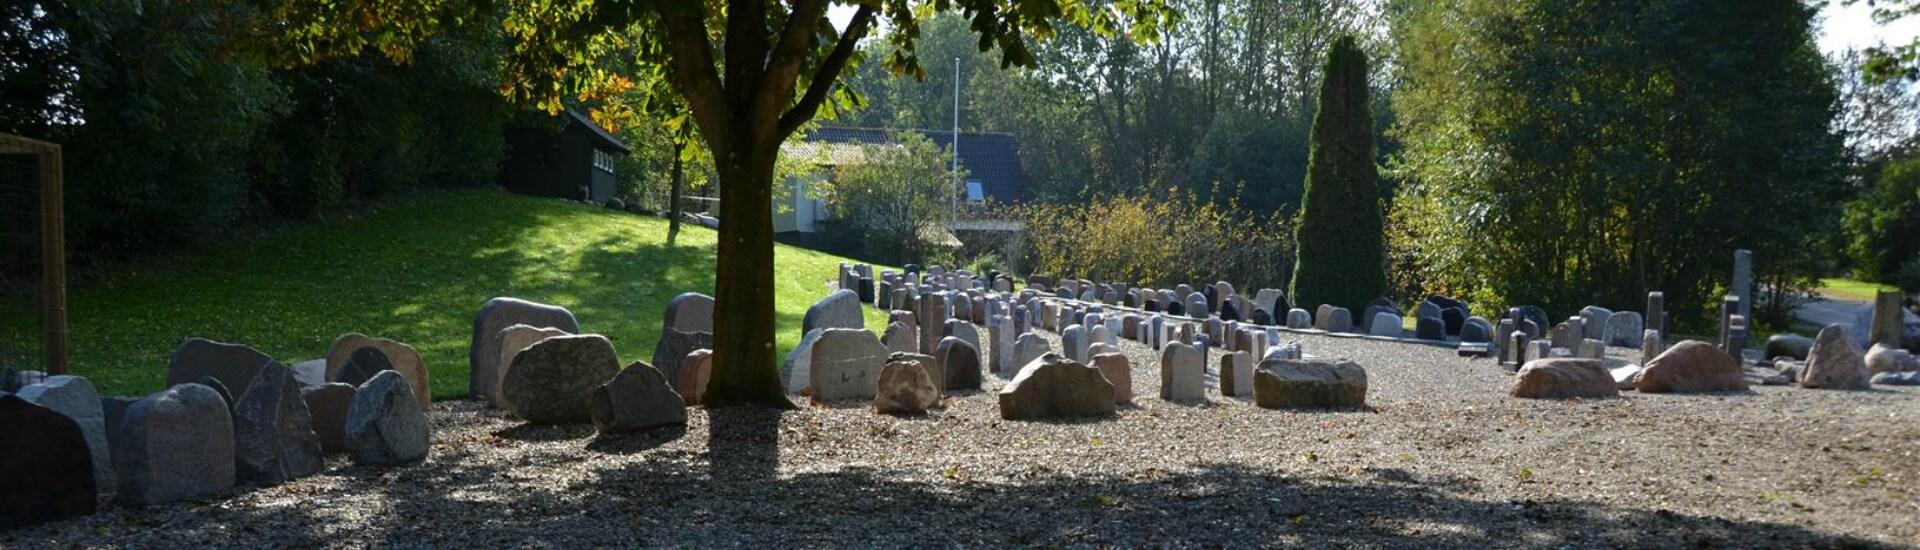 Gravsten på kirkegård | Stenhuggeren på Fyn